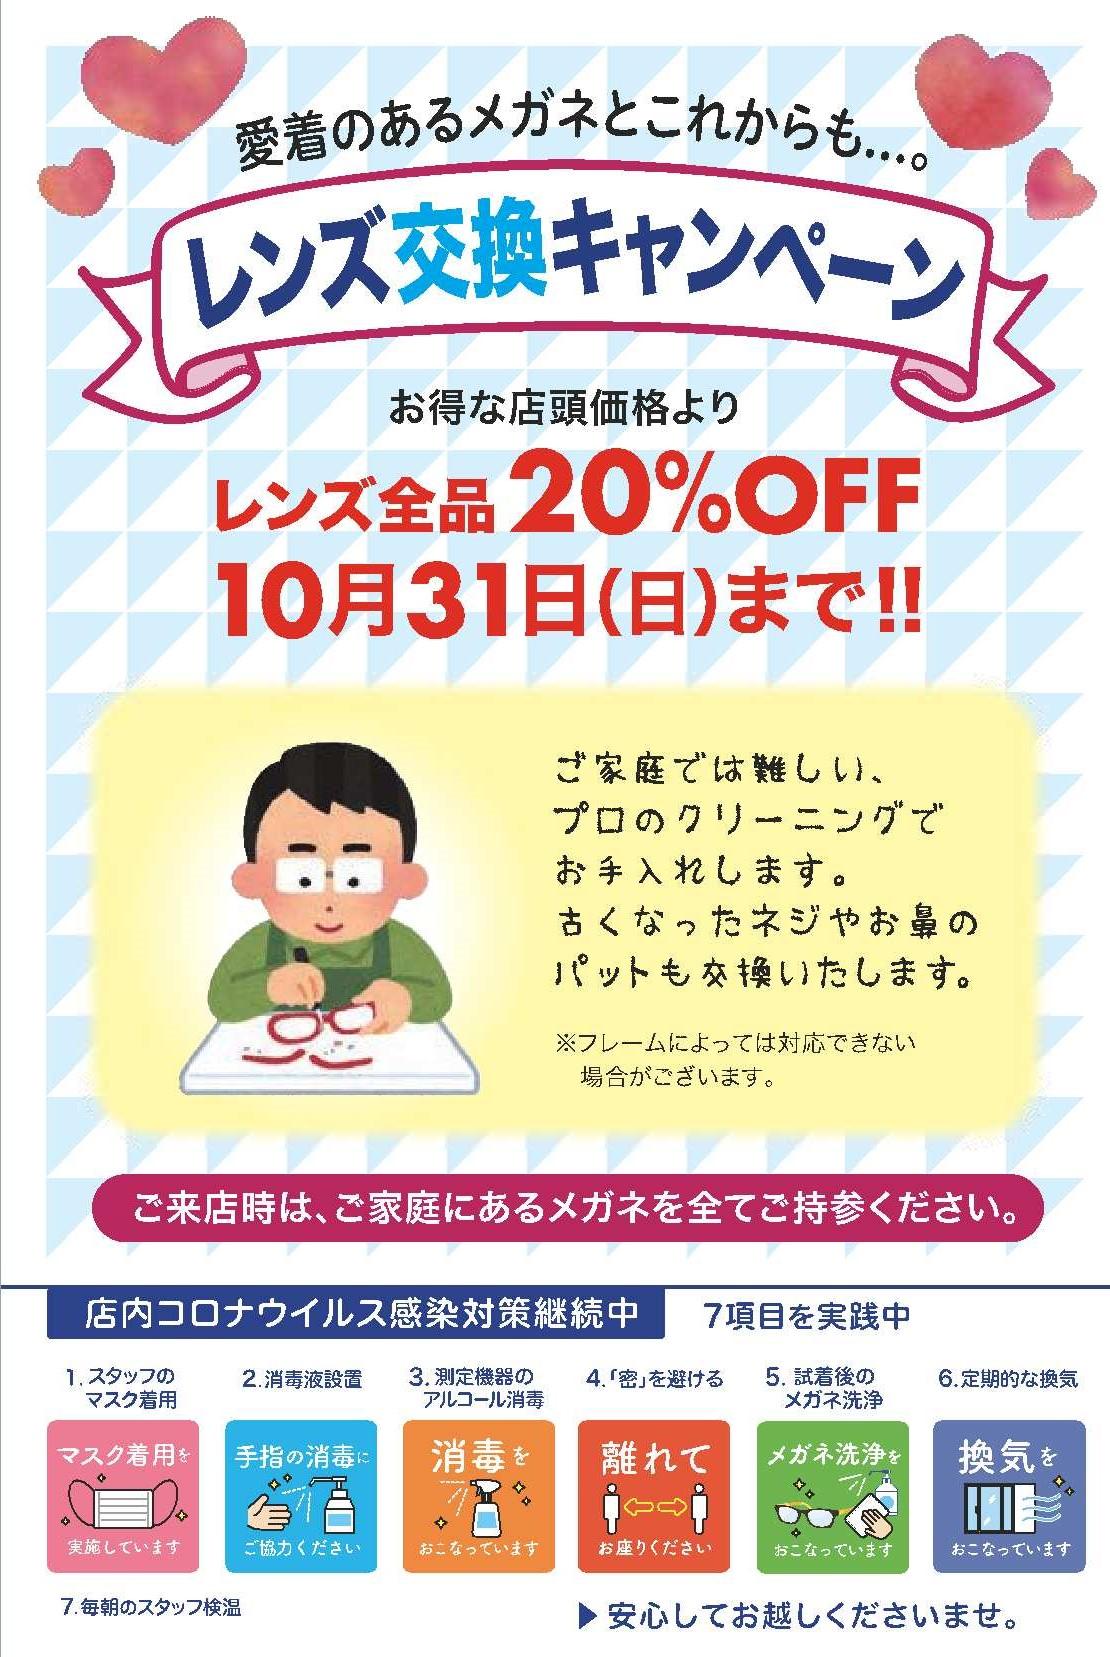 レンズ交換キャンペーン開催中!!(~10/31迄)